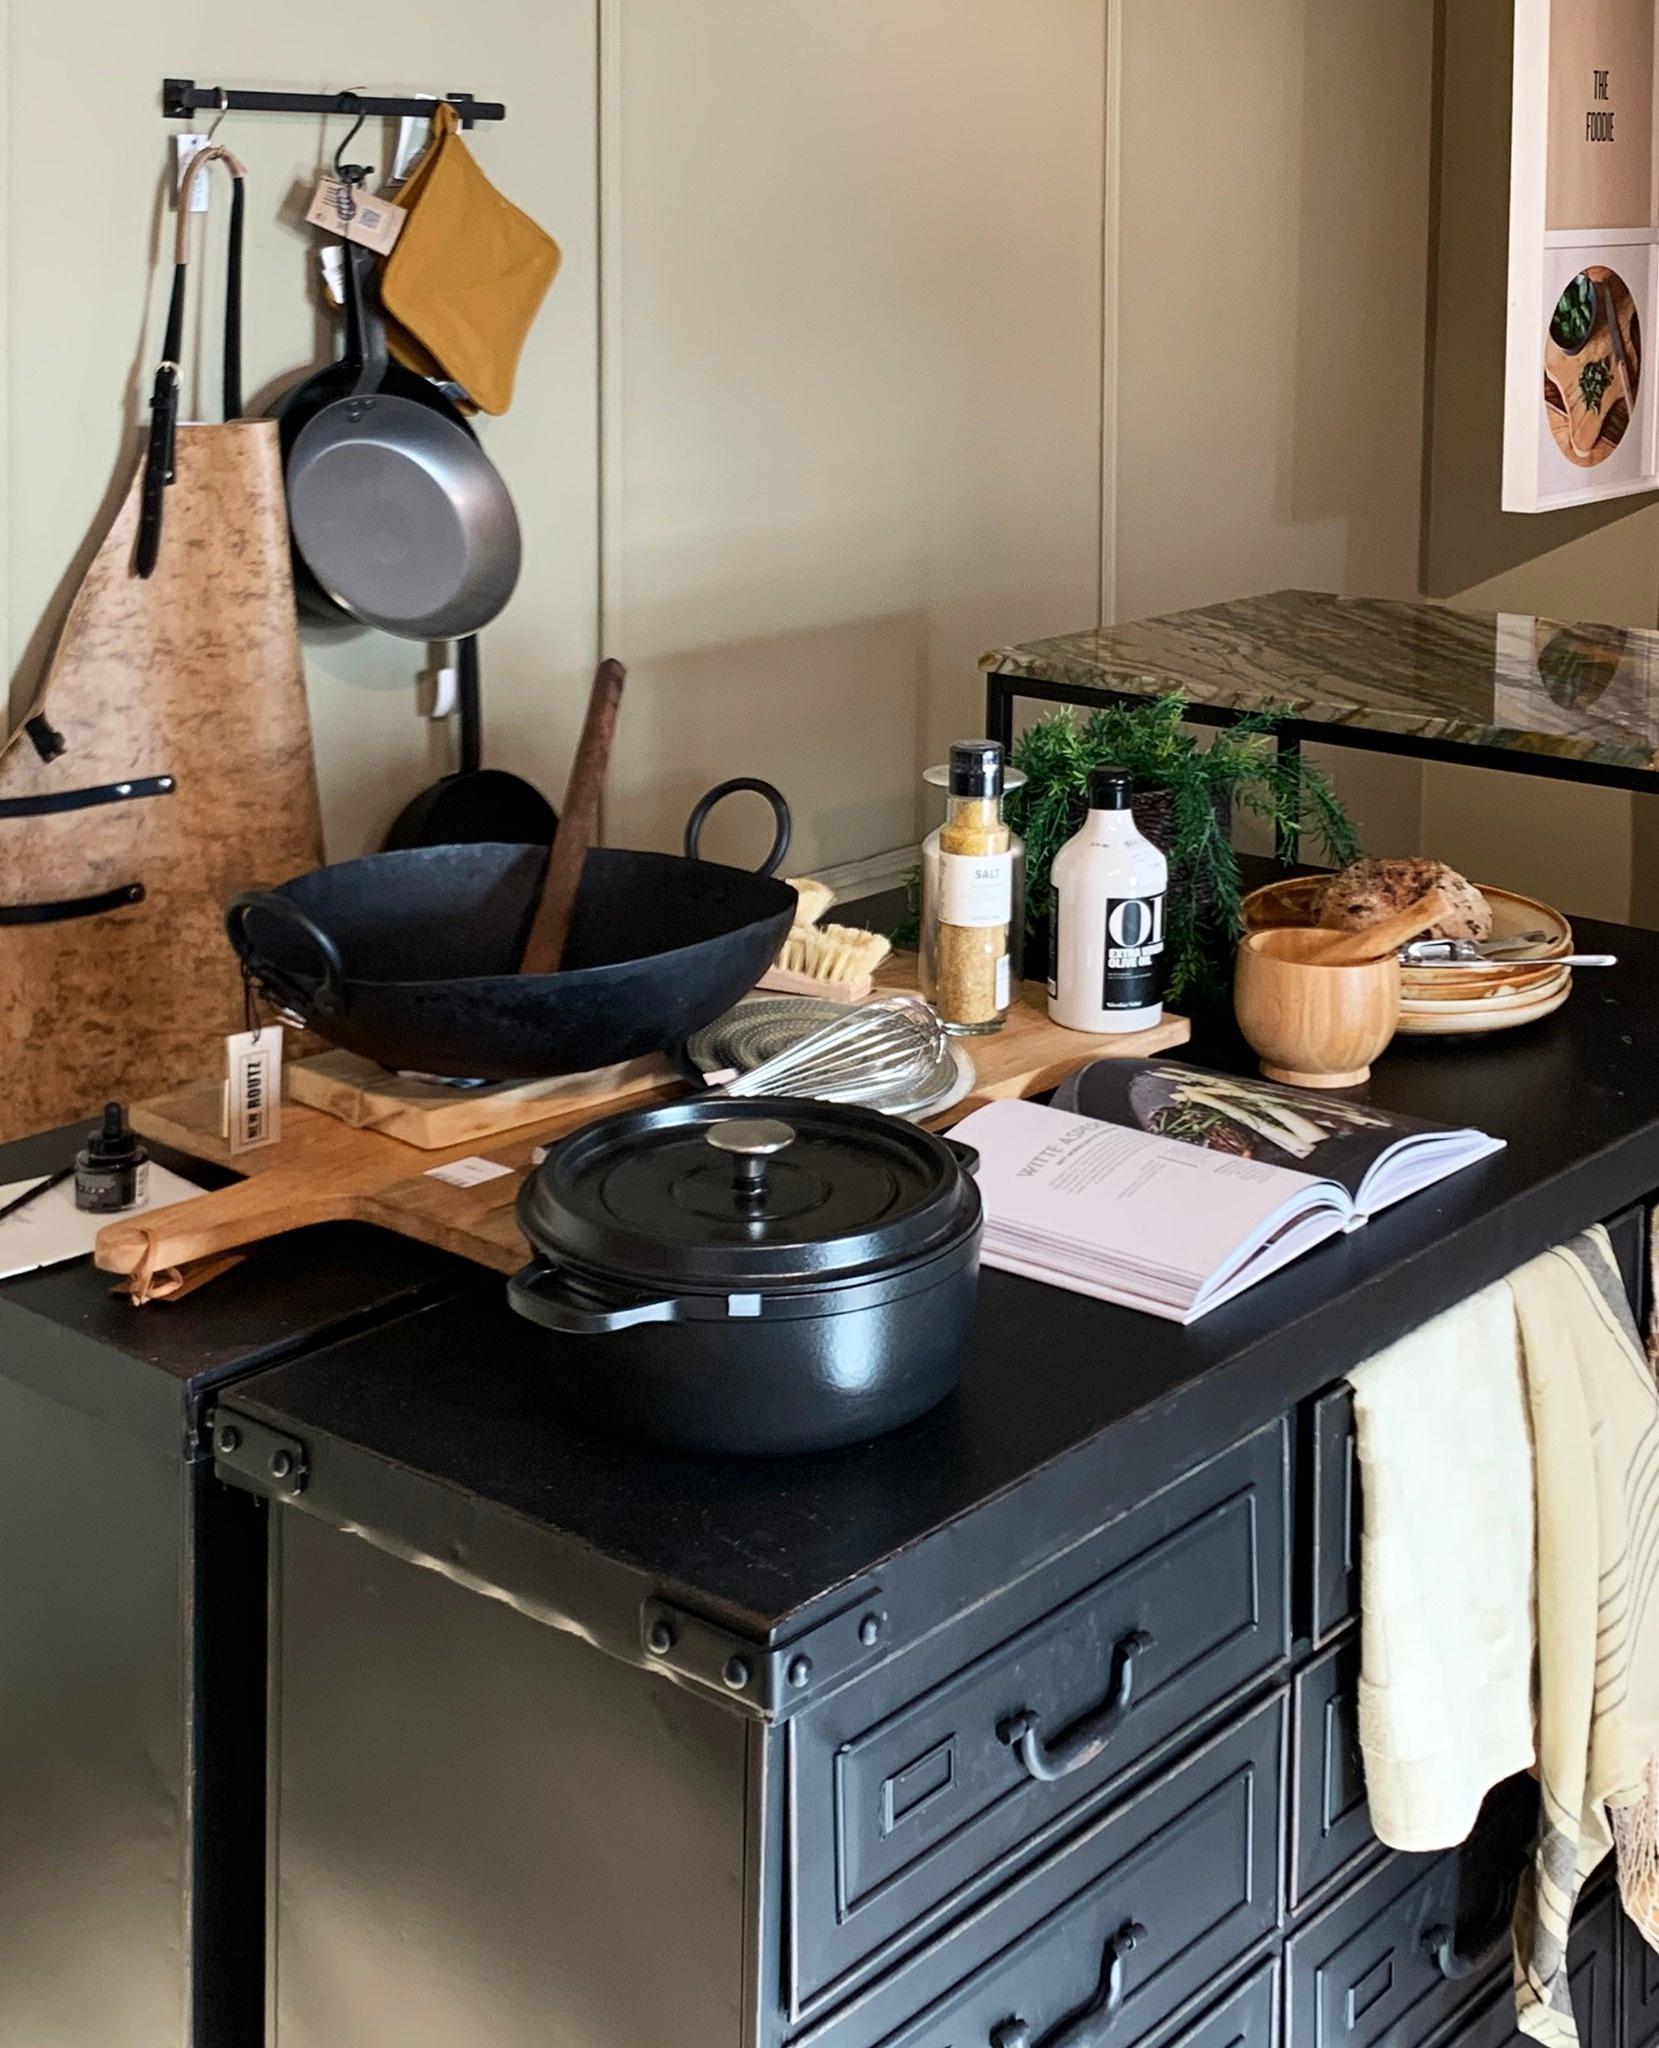 Meer peper in je keuken? Ga voor de stoere industriële stijl!